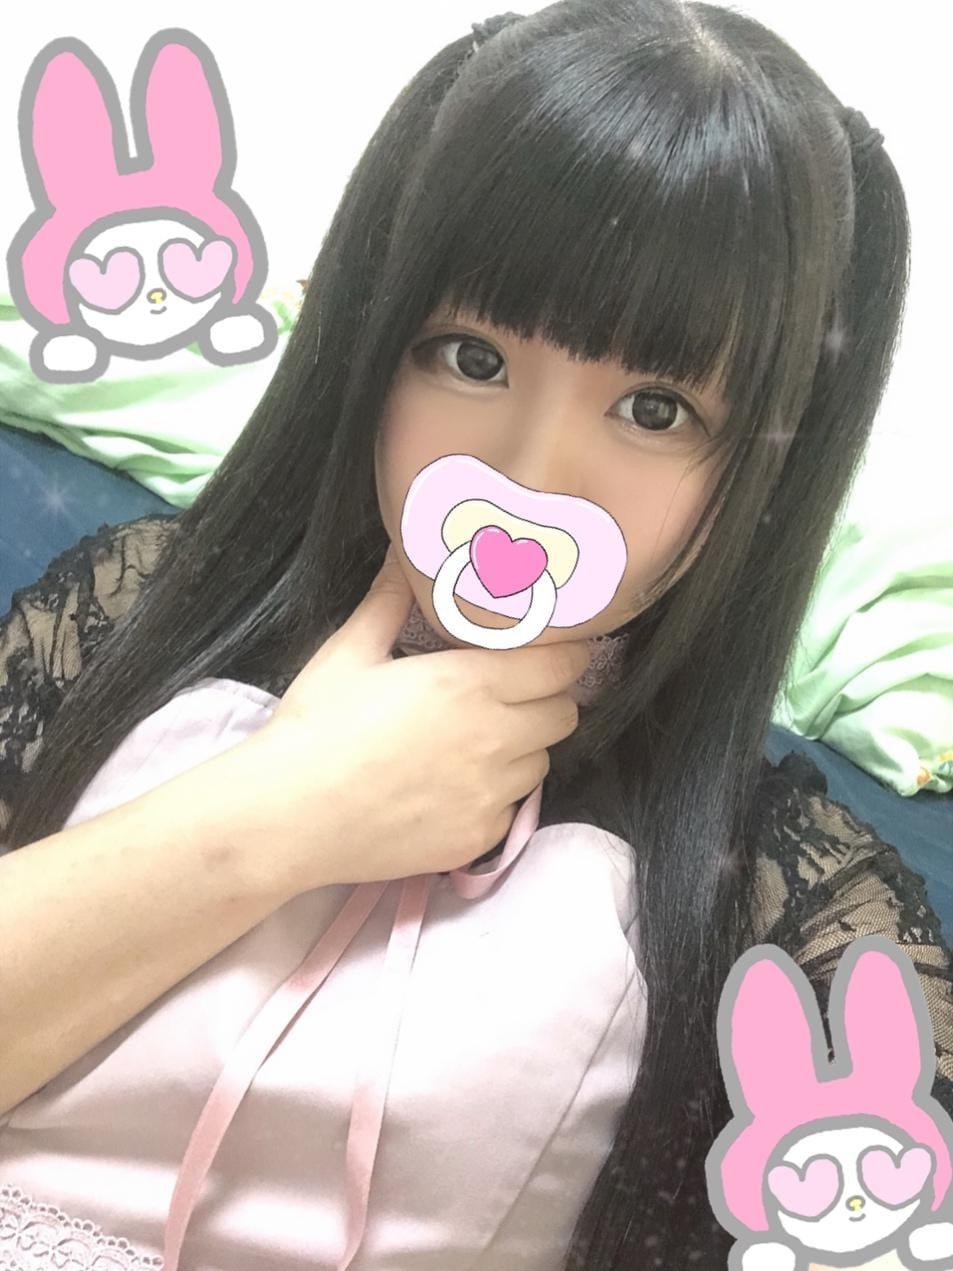 「にゃっ」08/16(08/16) 03:56 | みる ロりカワ癒し美女♪の写メ・風俗動画